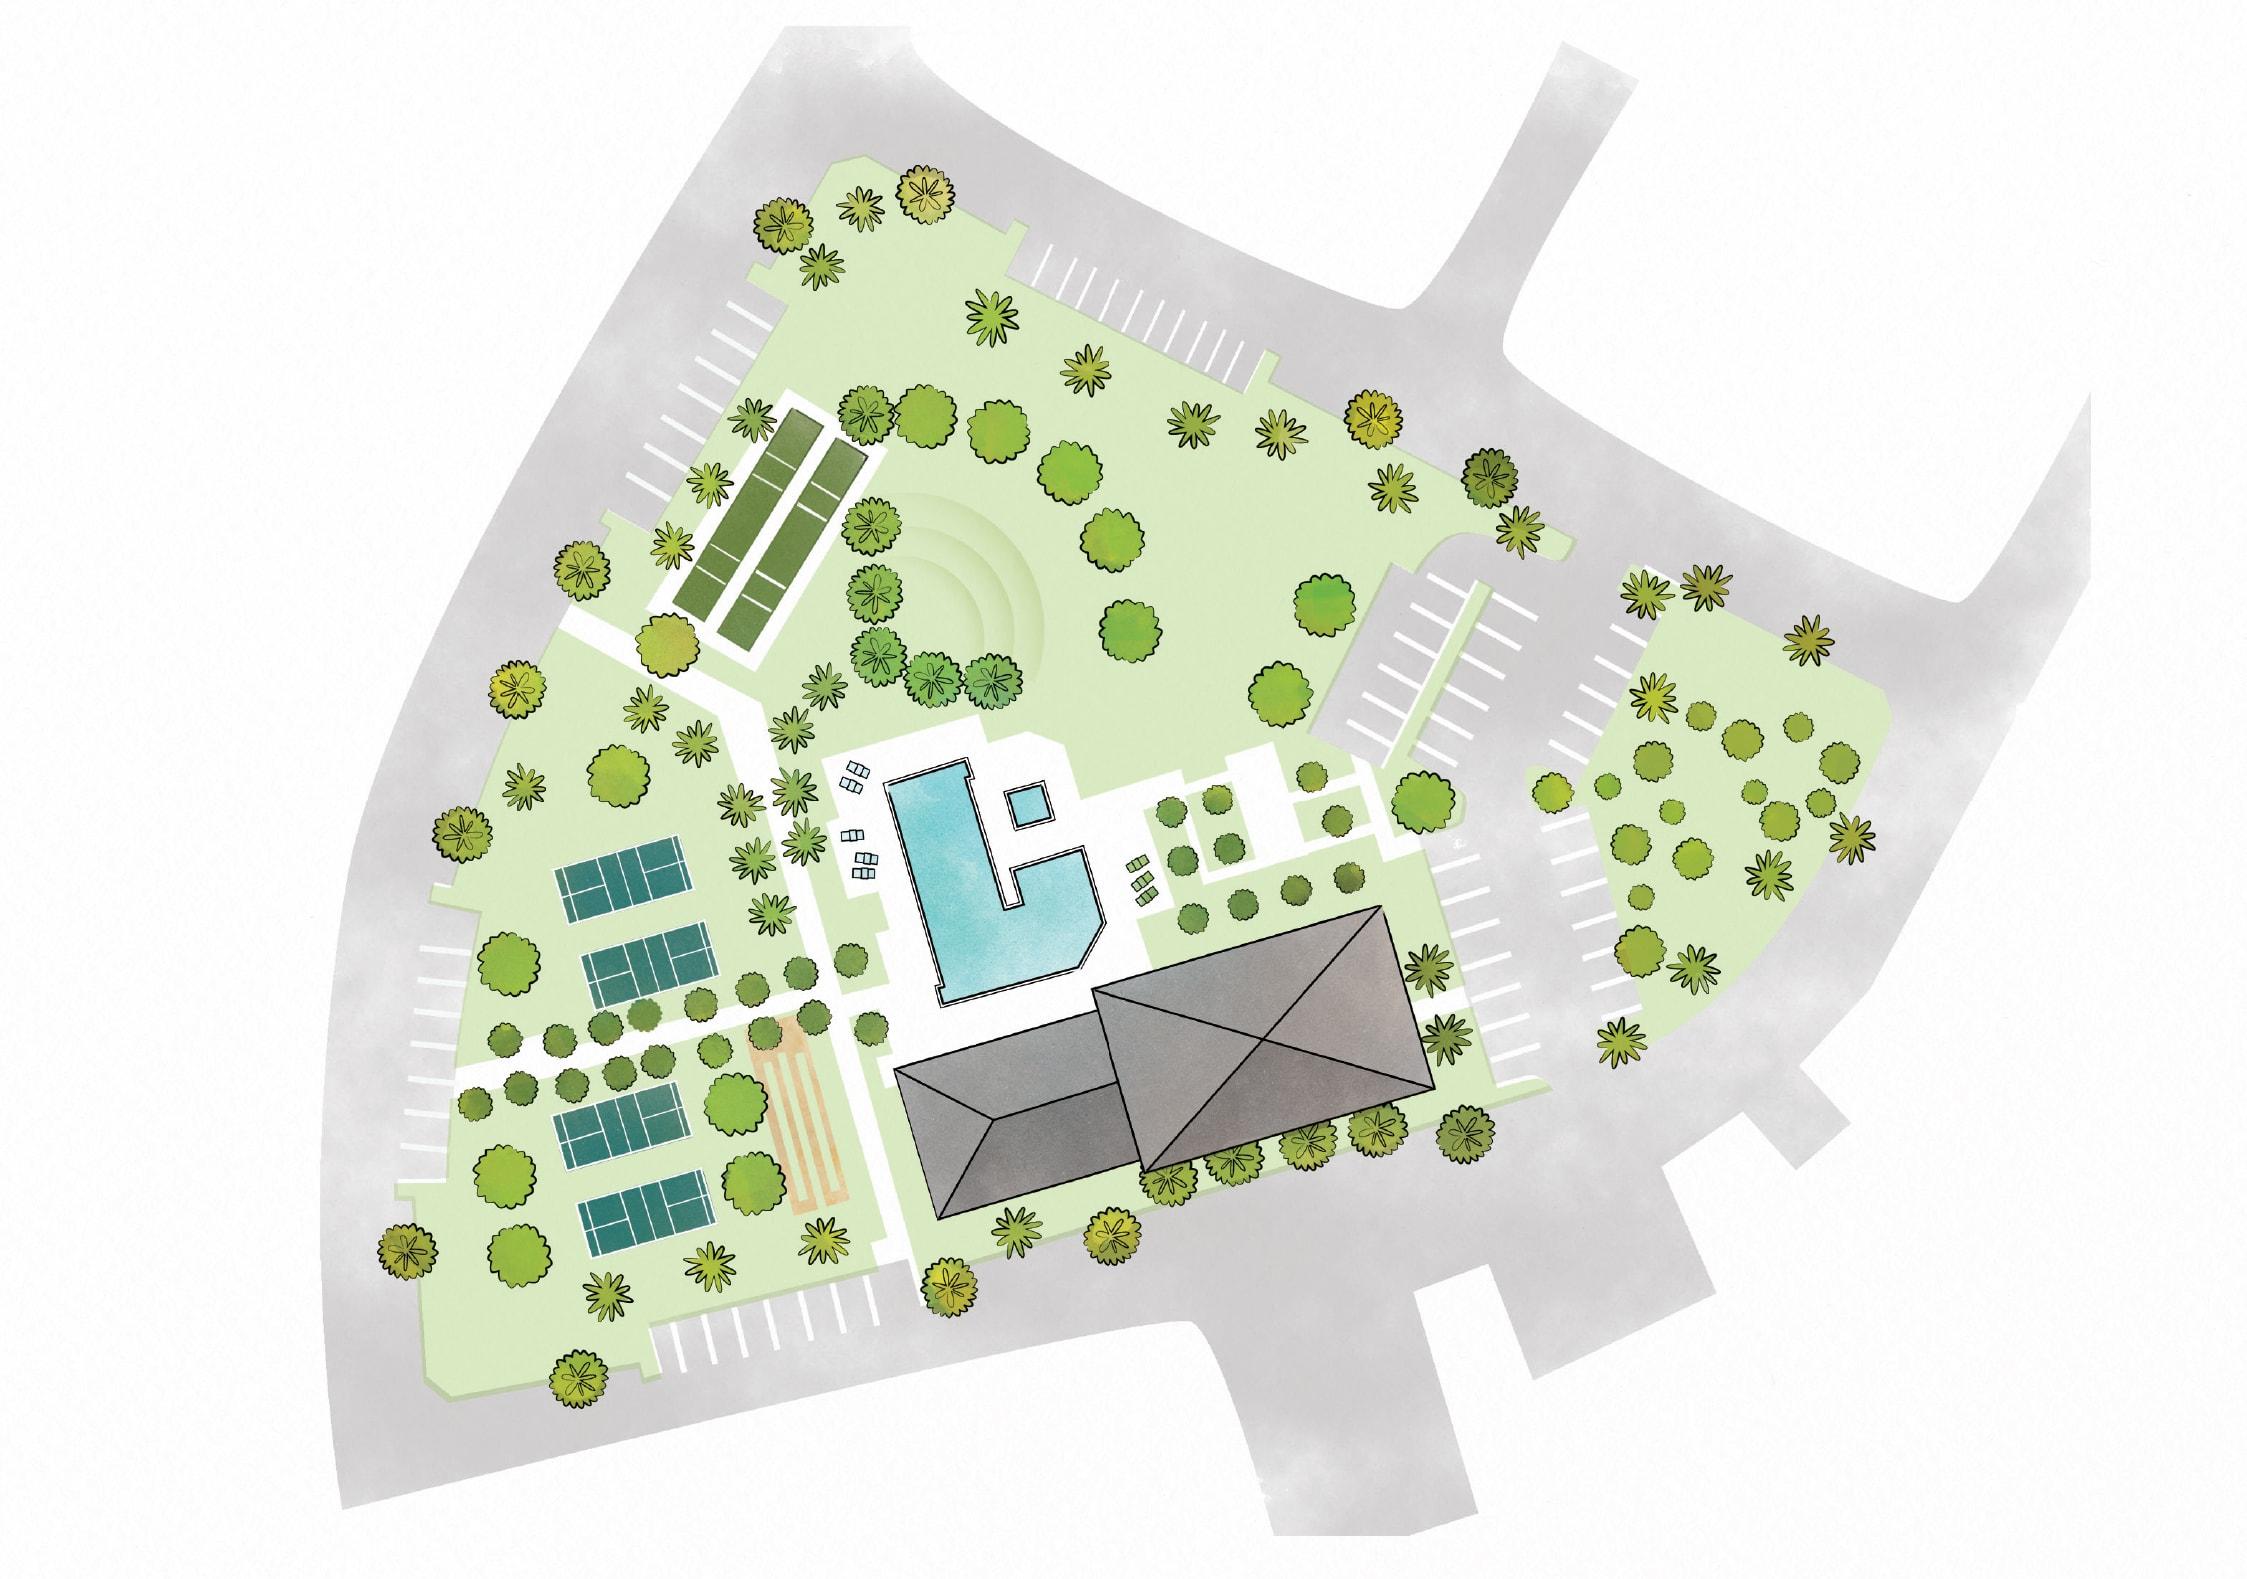 villa-overlay-min.jpg